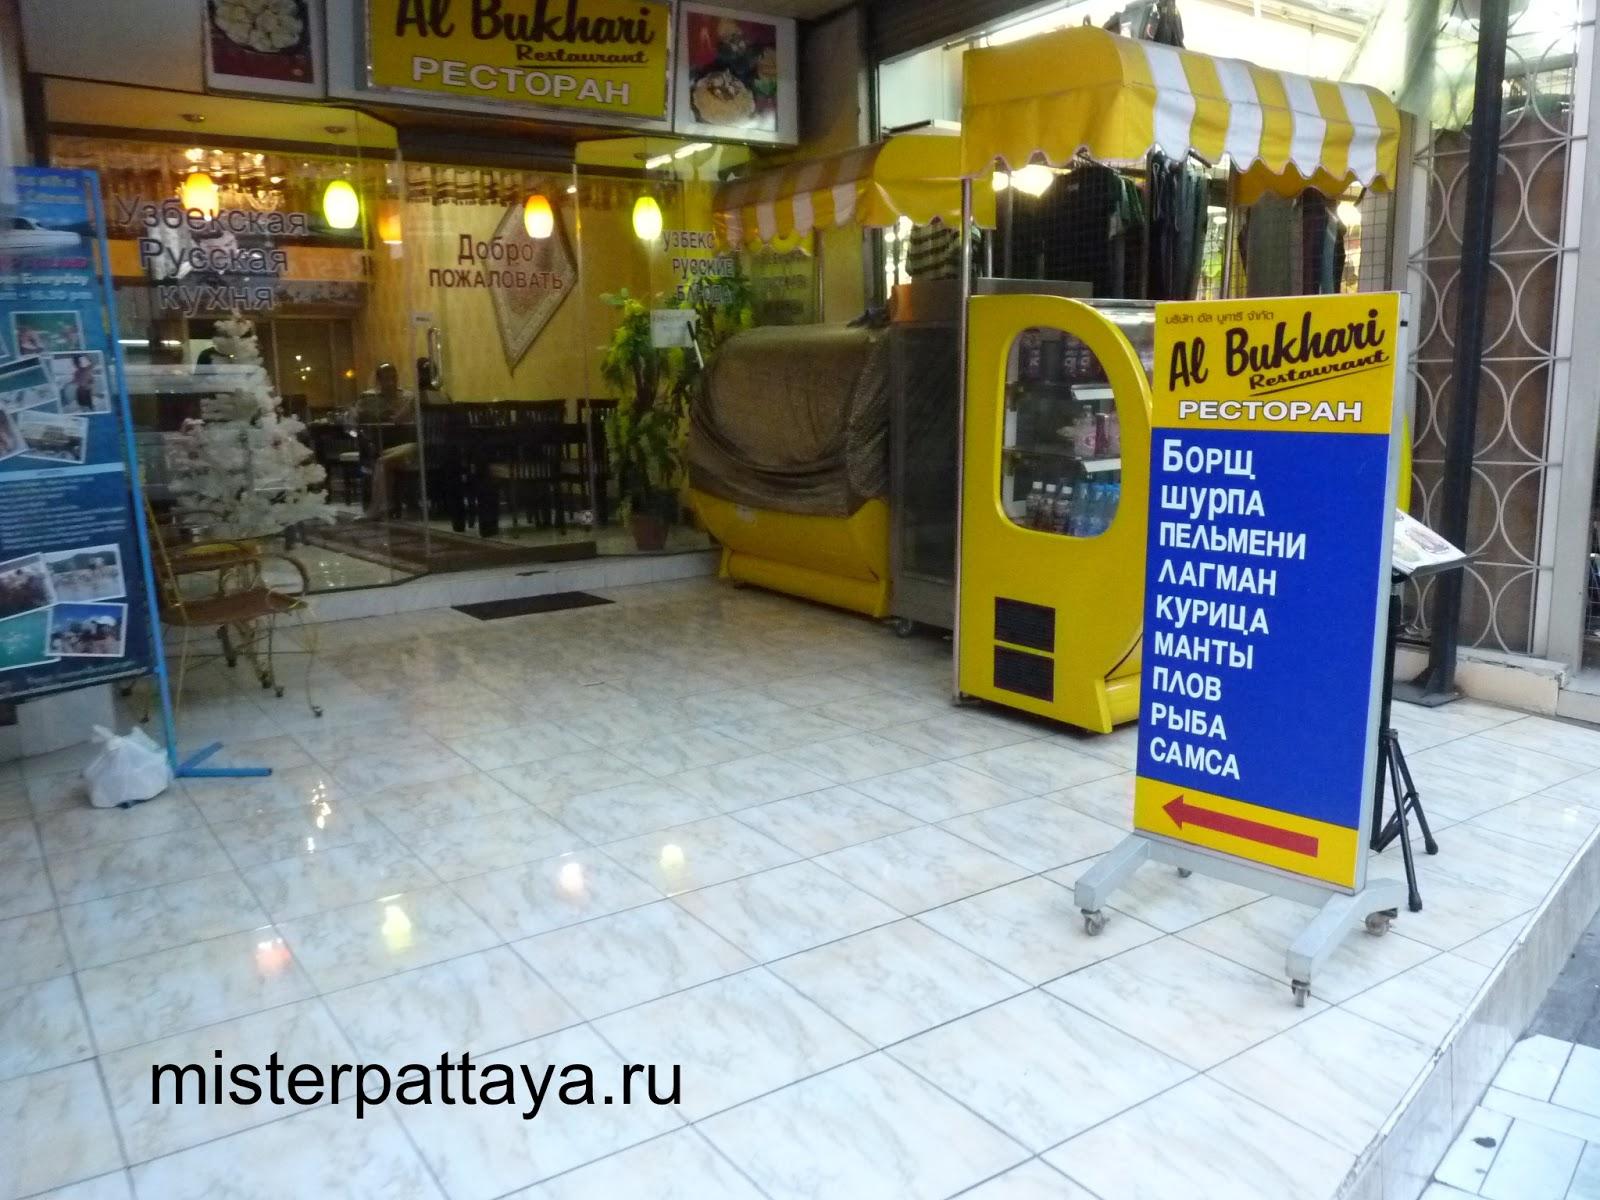 Сматреть виде руские на кухне 2 фотография